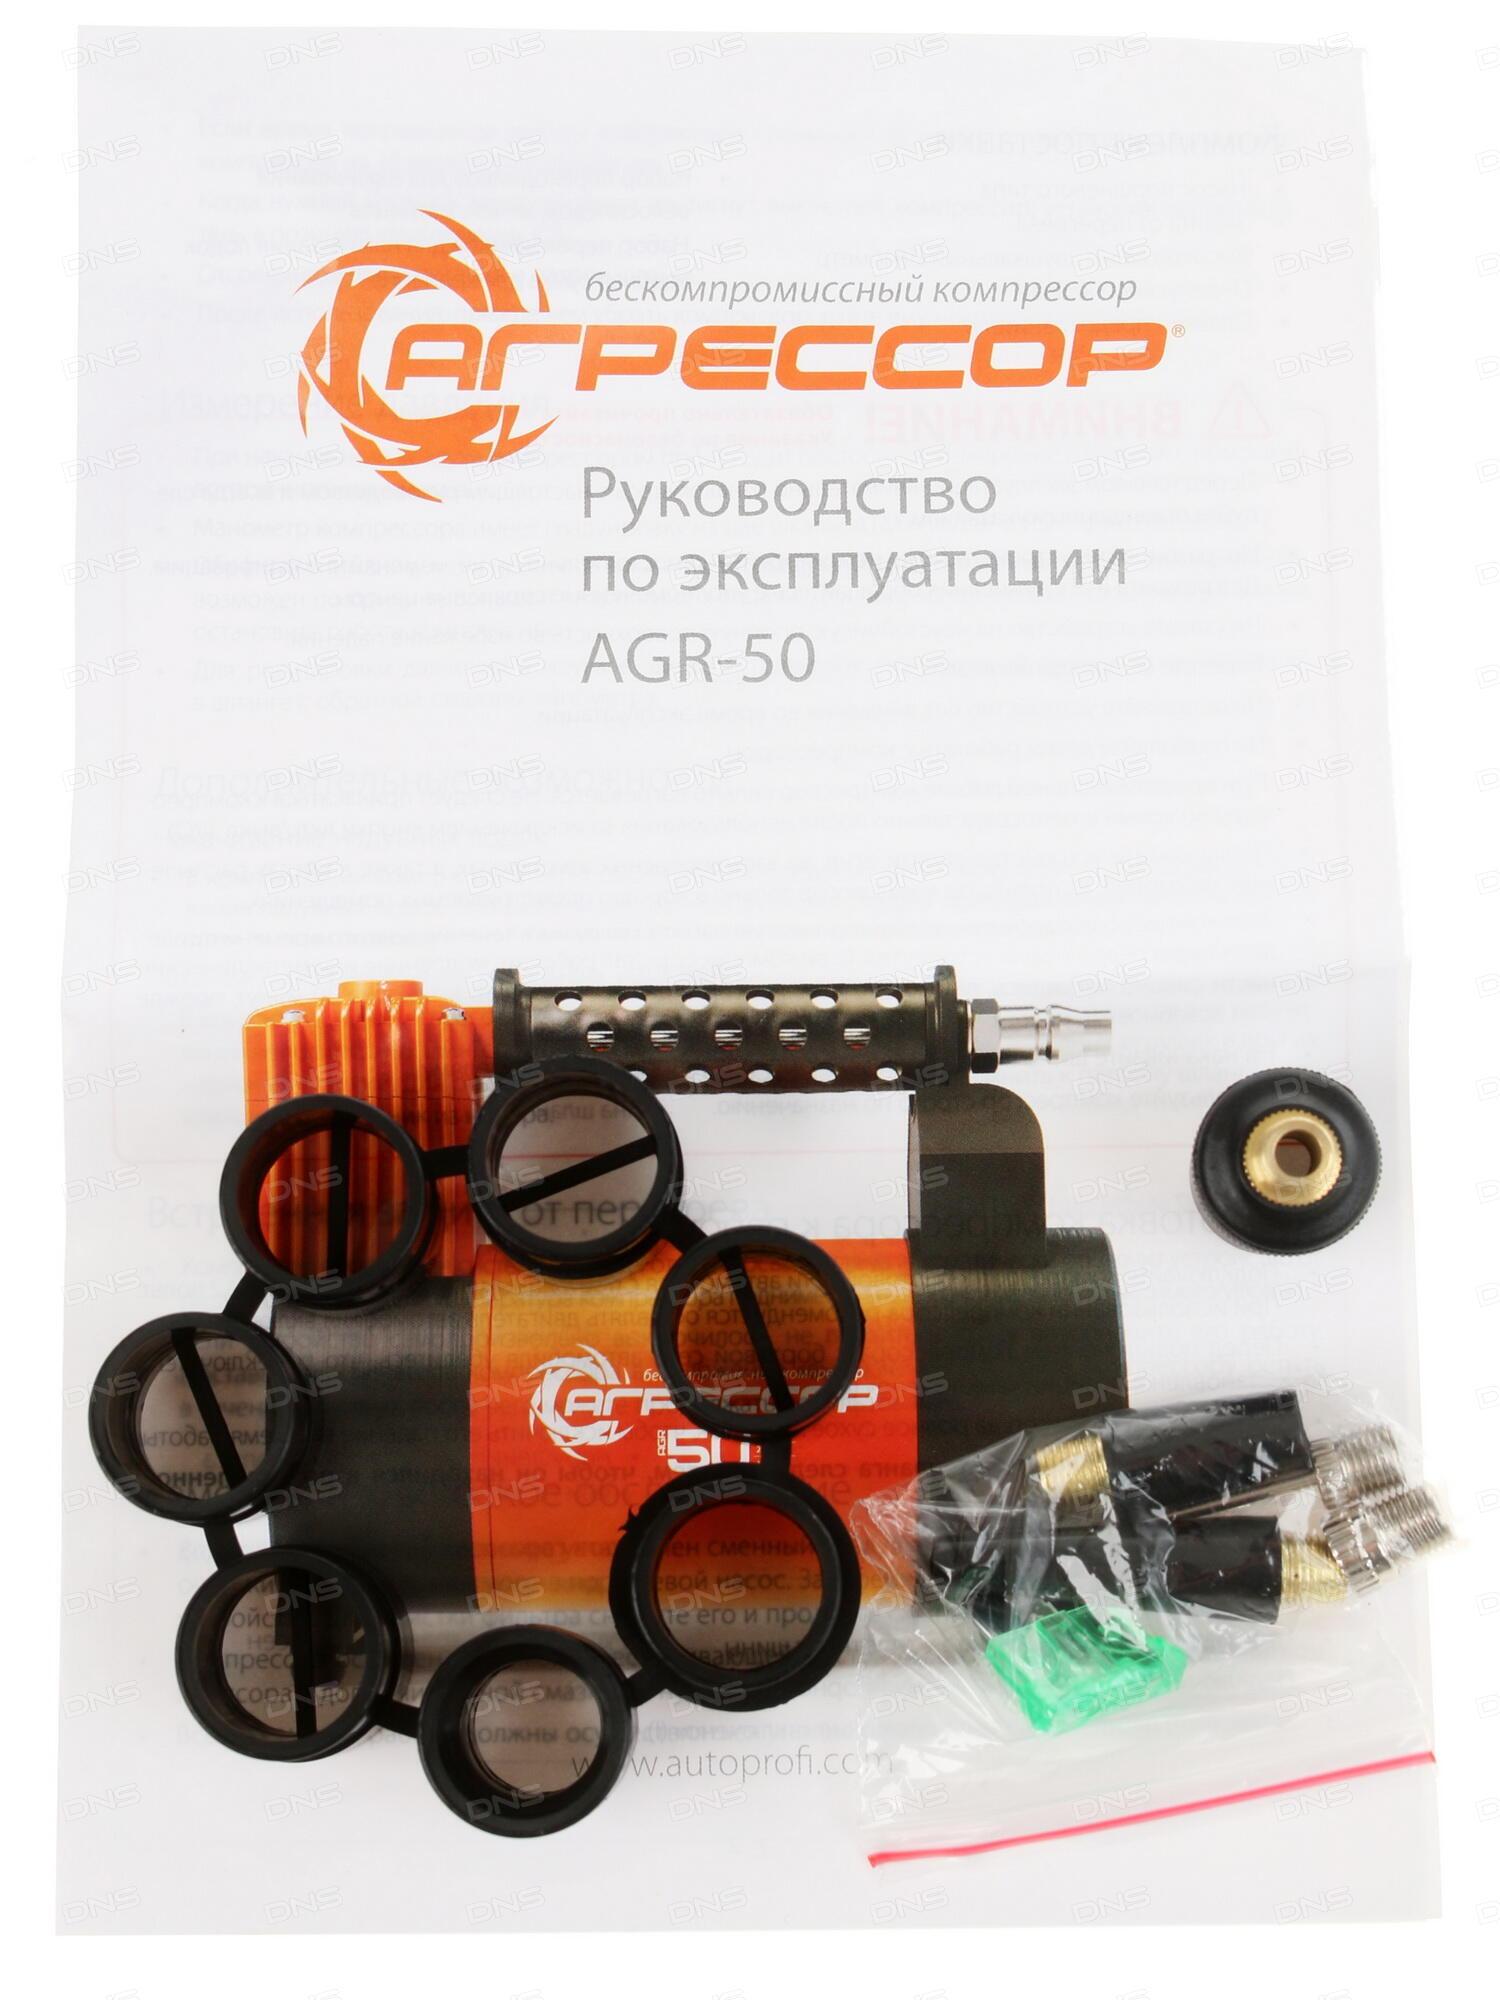 agr-50 инструкция